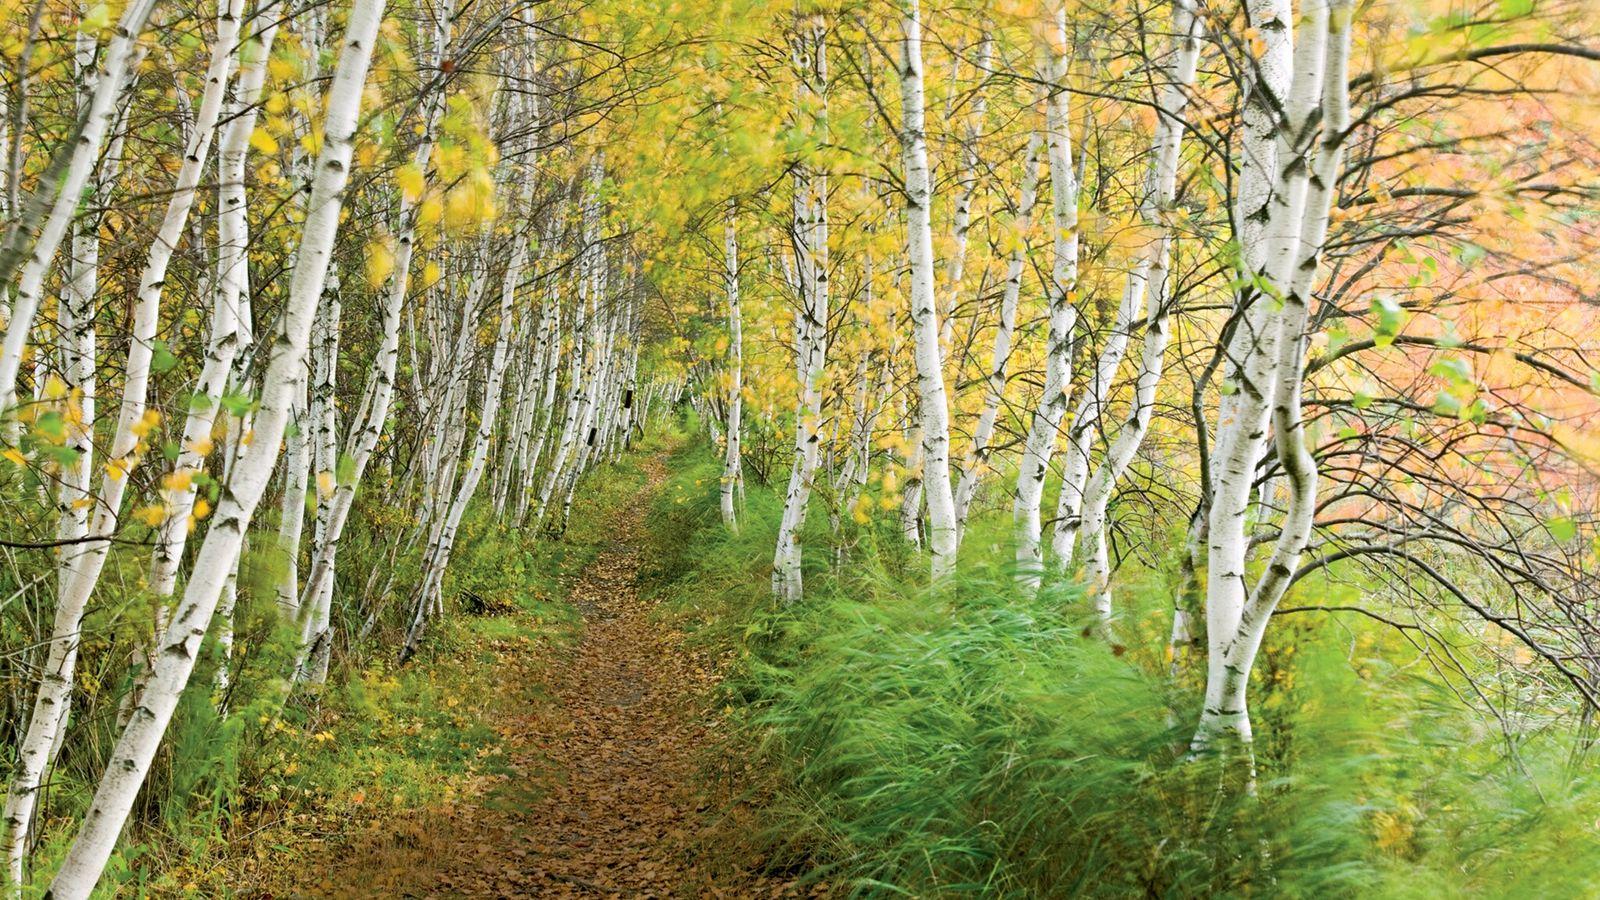 Photographie prise au parc national d'Acadia, une réserve de 19 000 hectares située sur la côte atlantique des ...